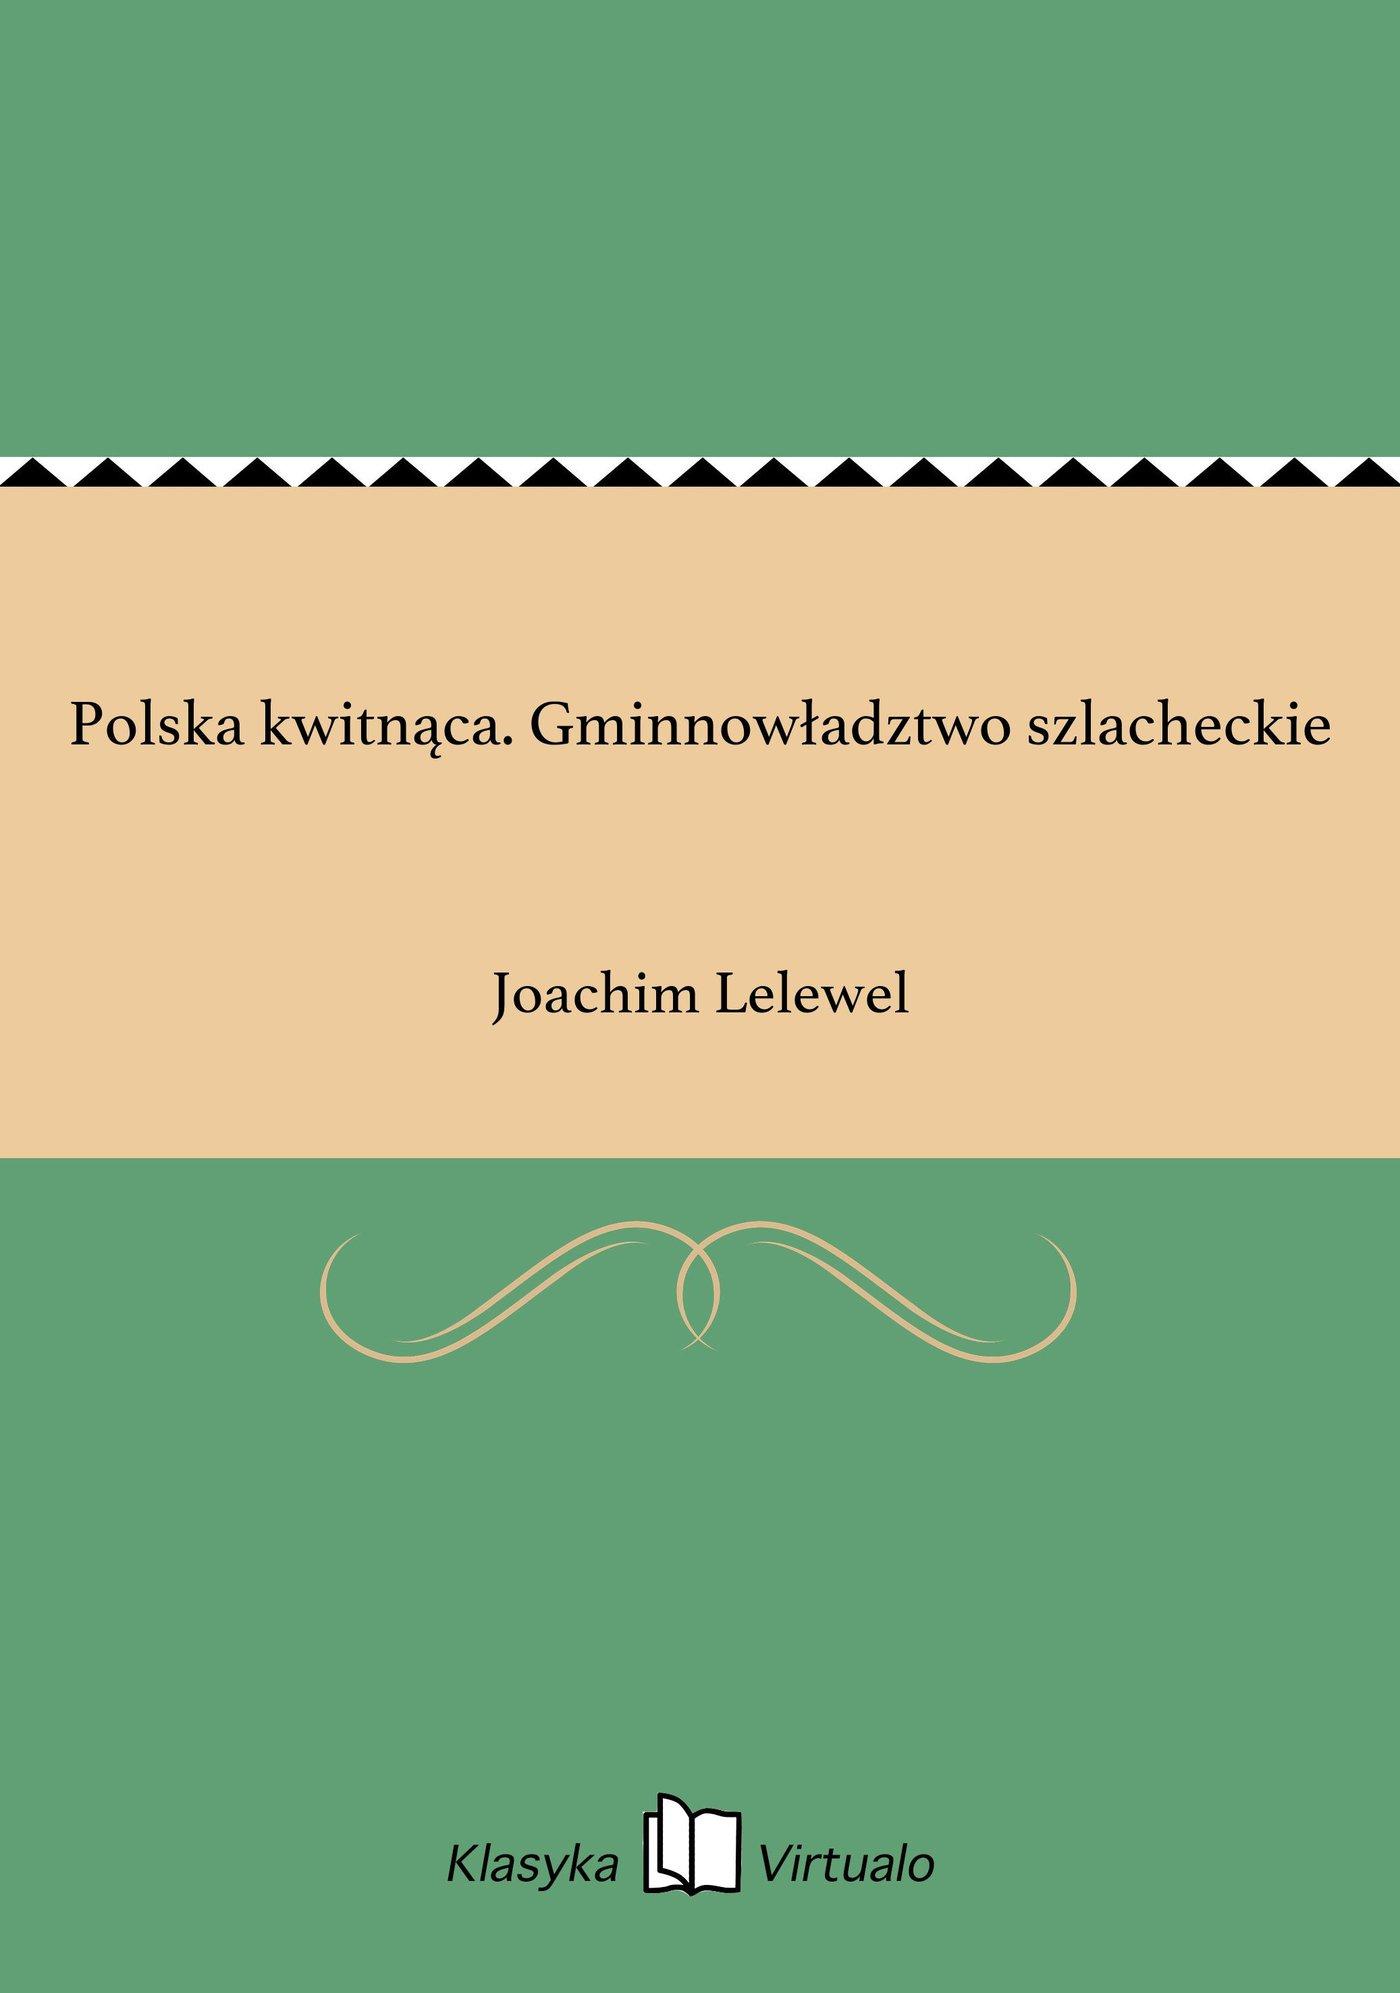 Polska kwitnąca. Gminnowładztwo szlacheckie - Ebook (Książka EPUB) do pobrania w formacie EPUB